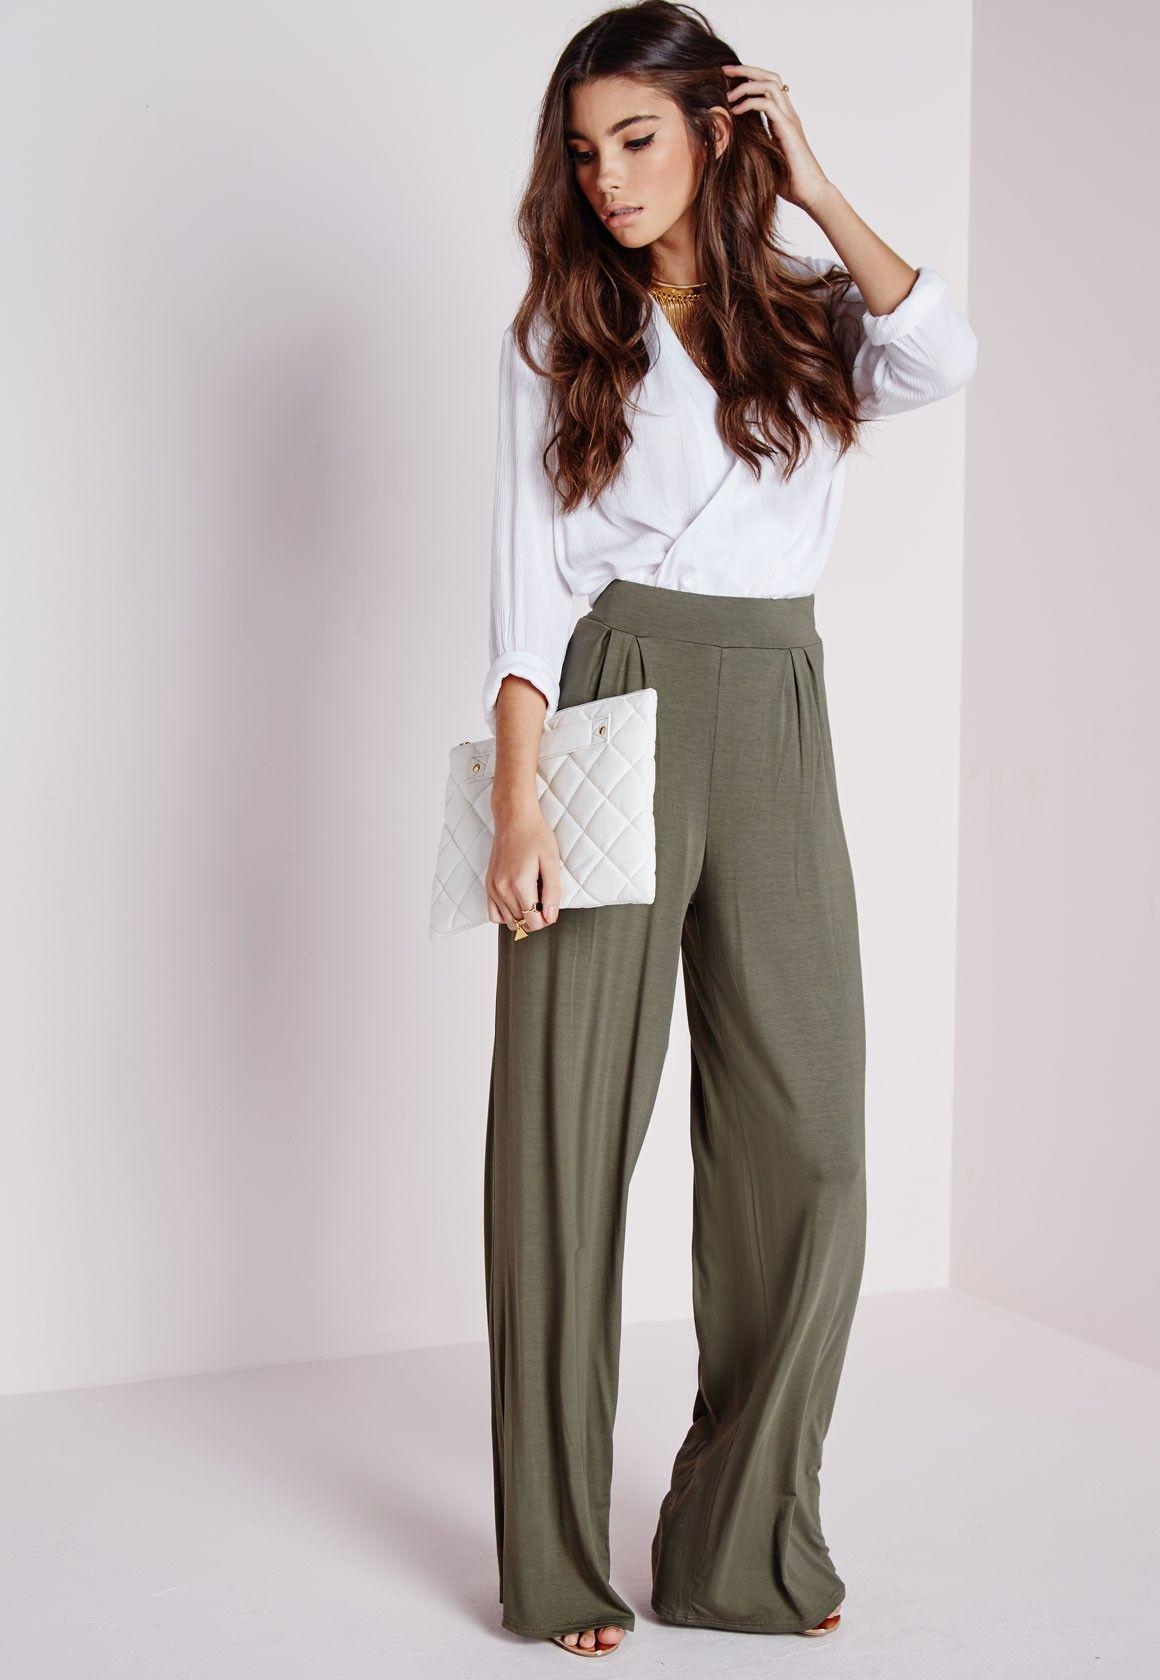 10fa7b33f4b1 Missguided - Jersey Wide Leg Pants Khaki Wide Pants Outfit, Olive Green  Pants Outfit,